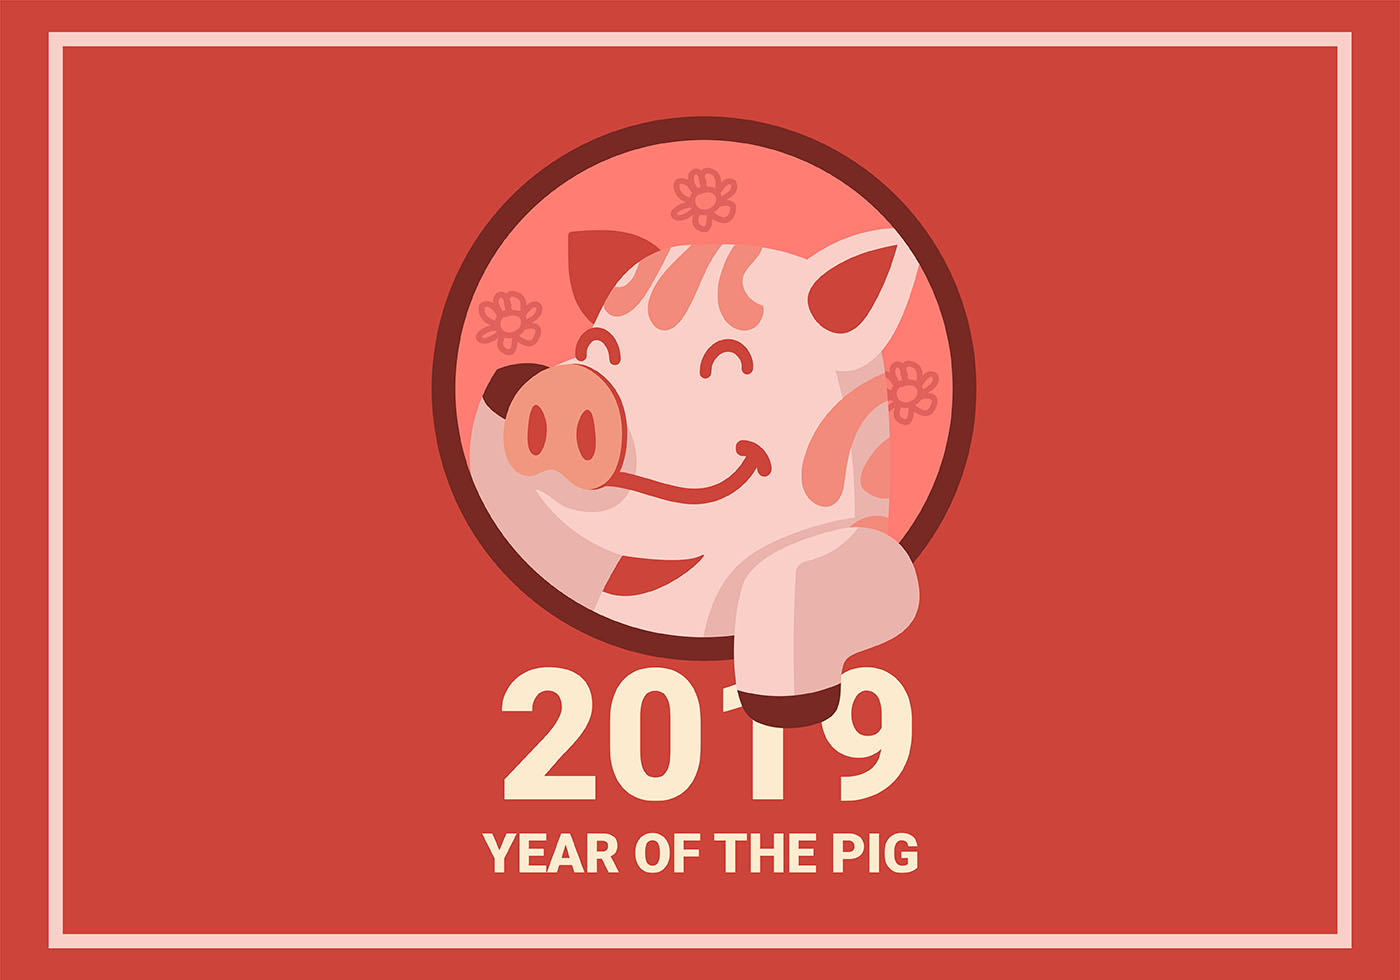 Oroscopo Cinese Maiale 2019 maiale cinese di nuovo anno - scarica immagini vettoriali